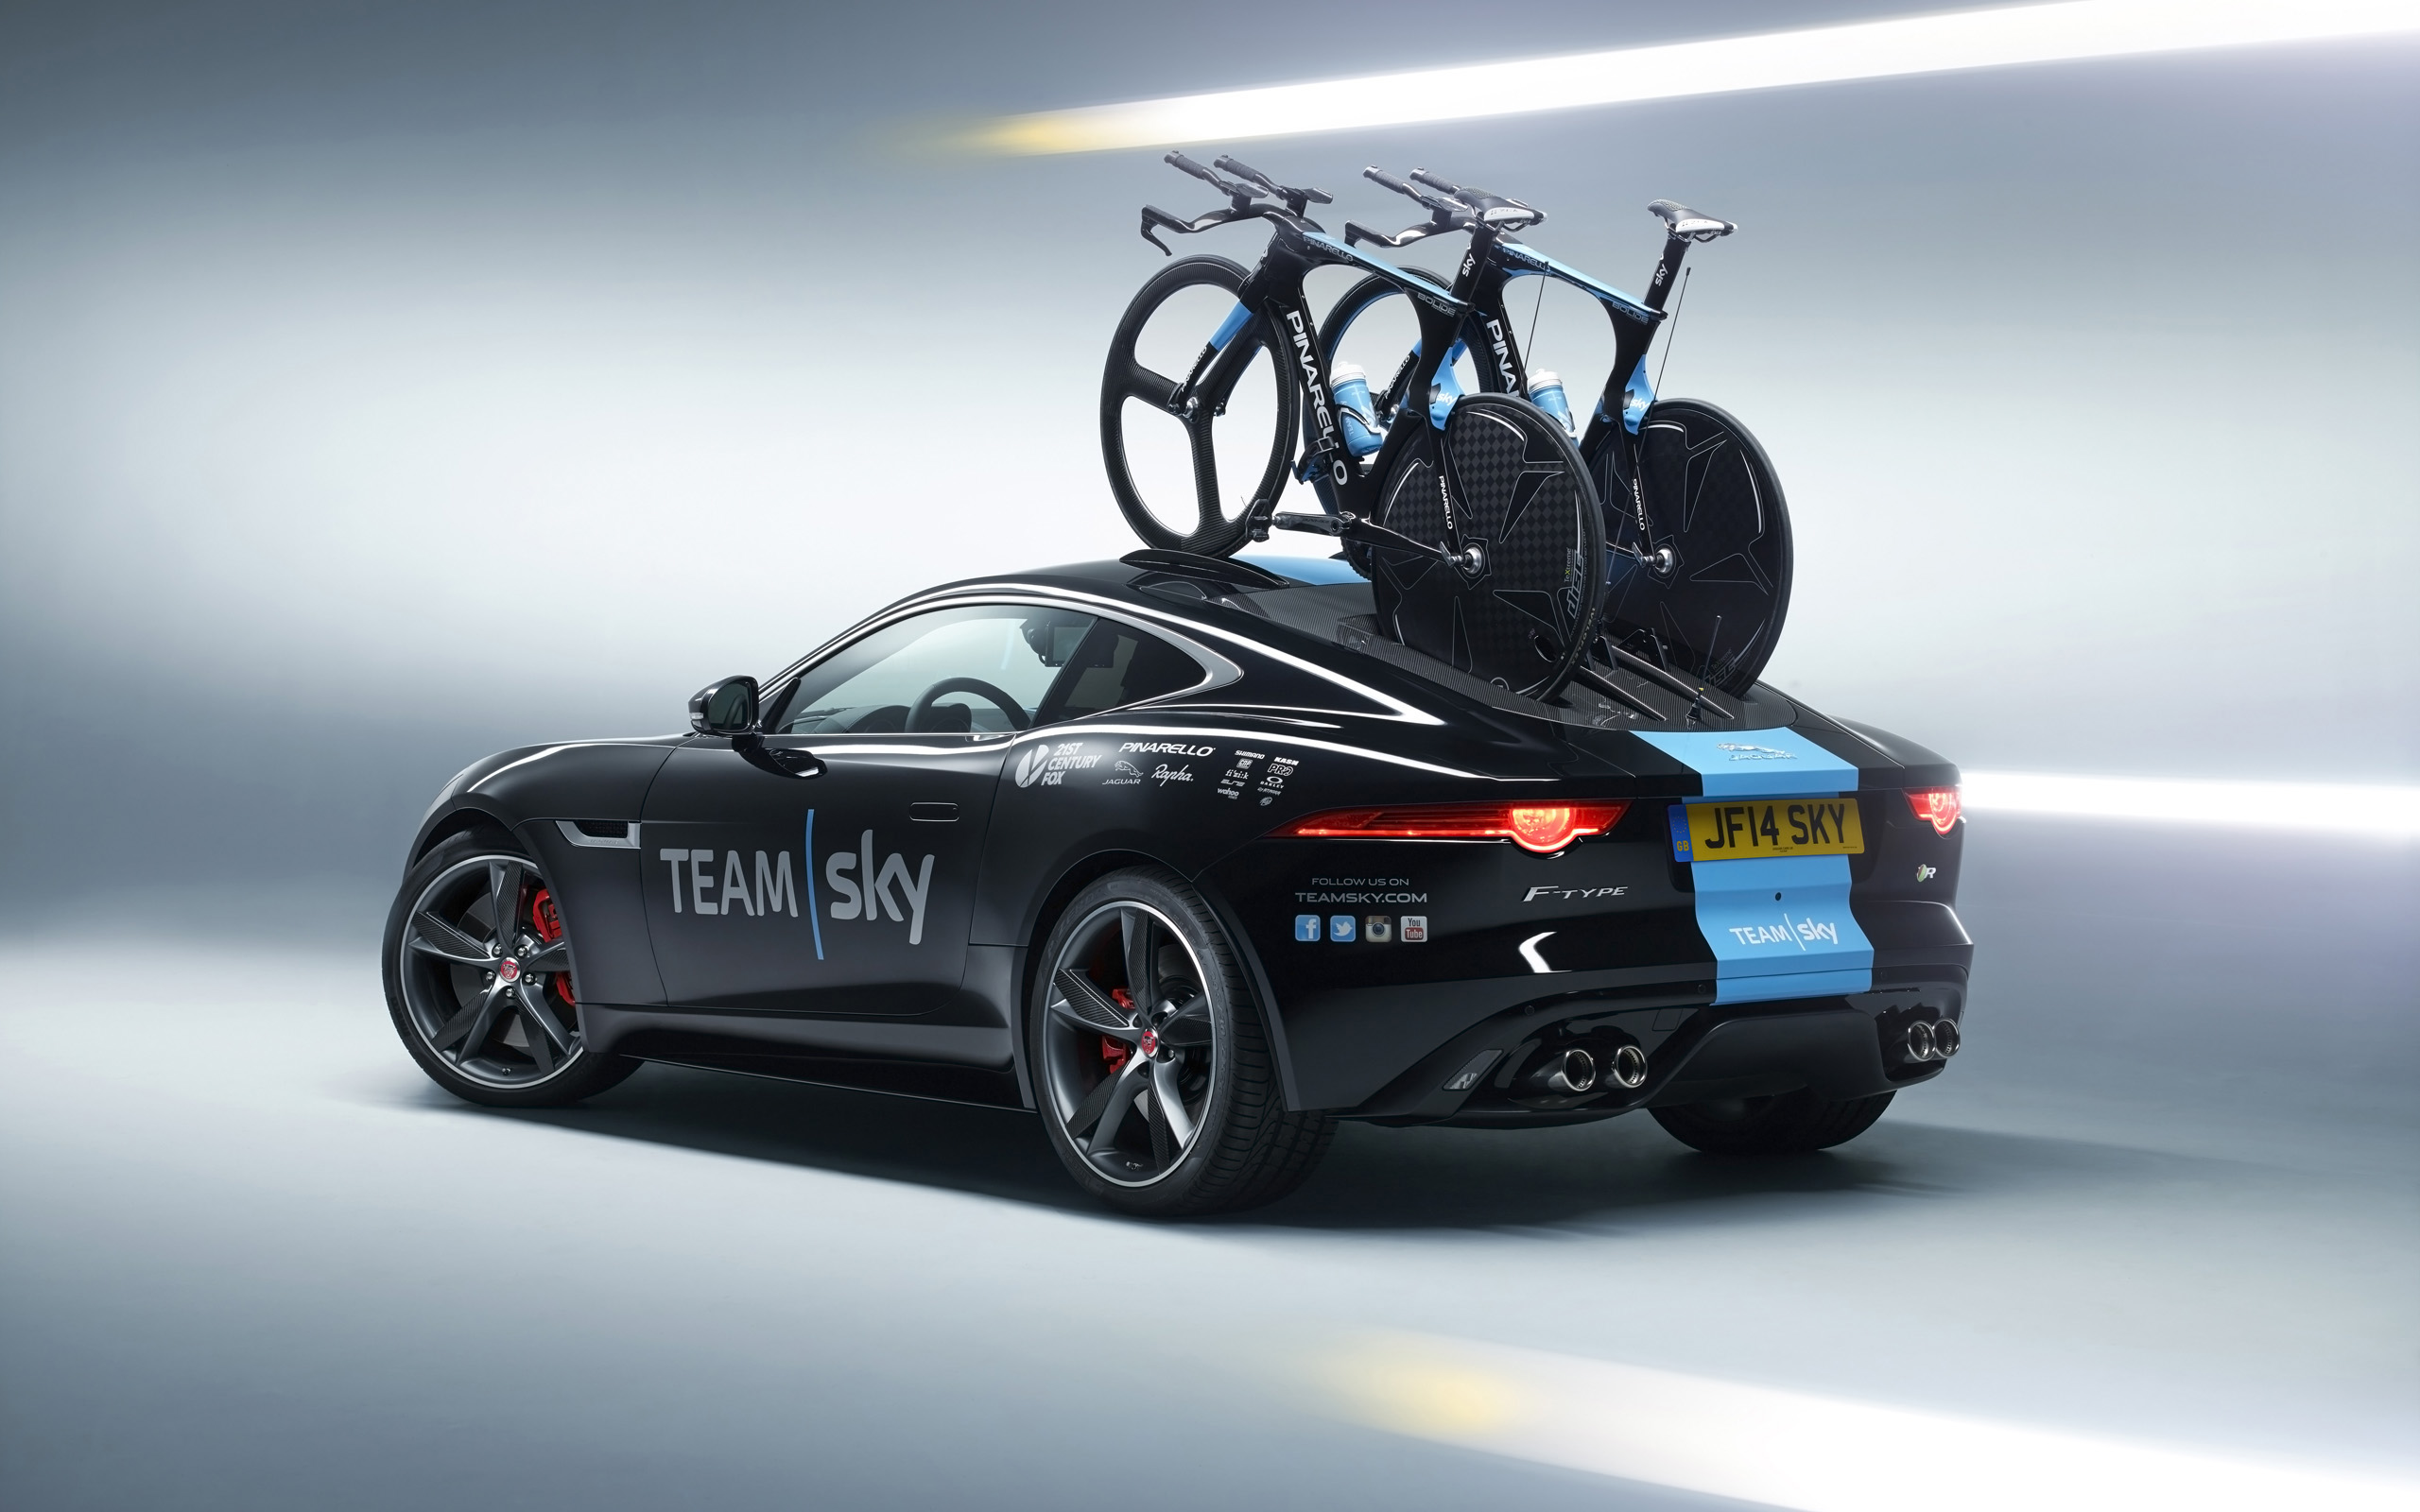 Lexus F Type >> 2014 Jaguar F Type Coupe Tour de France 3 Wallpaper | HD Car Wallpapers | ID #4667